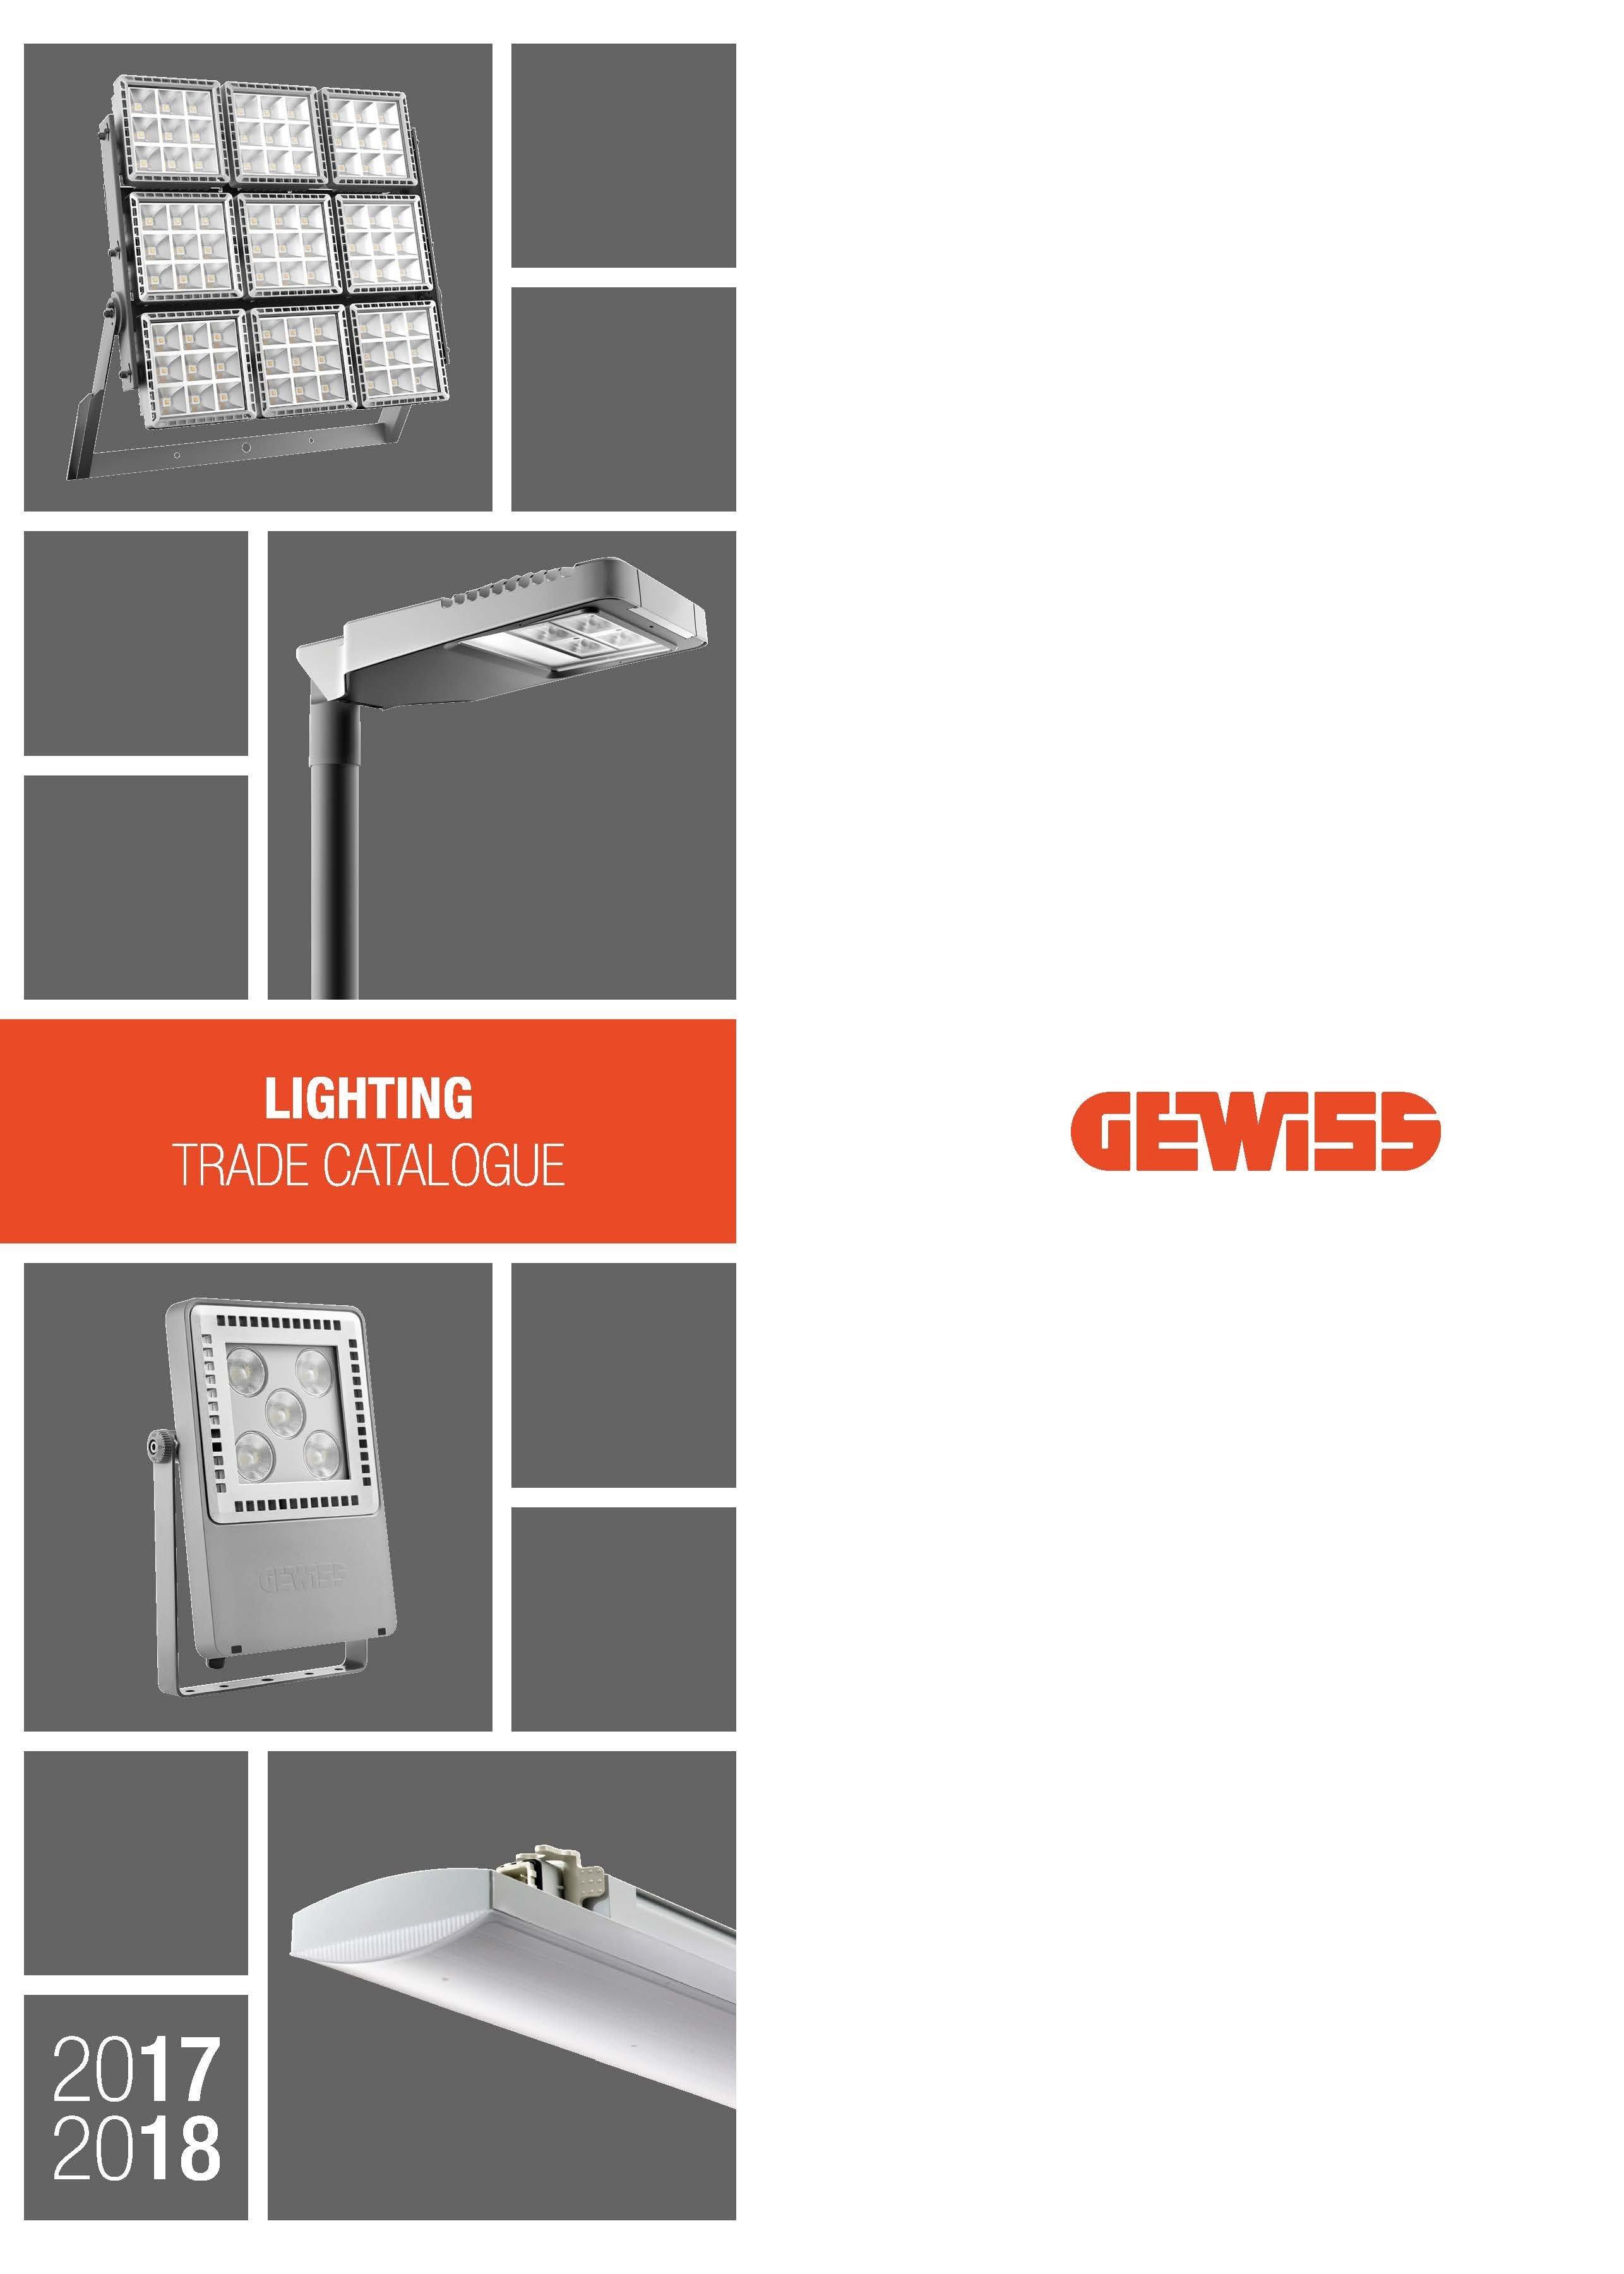 05 gewiss lighting electricol. Black Bedroom Furniture Sets. Home Design Ideas